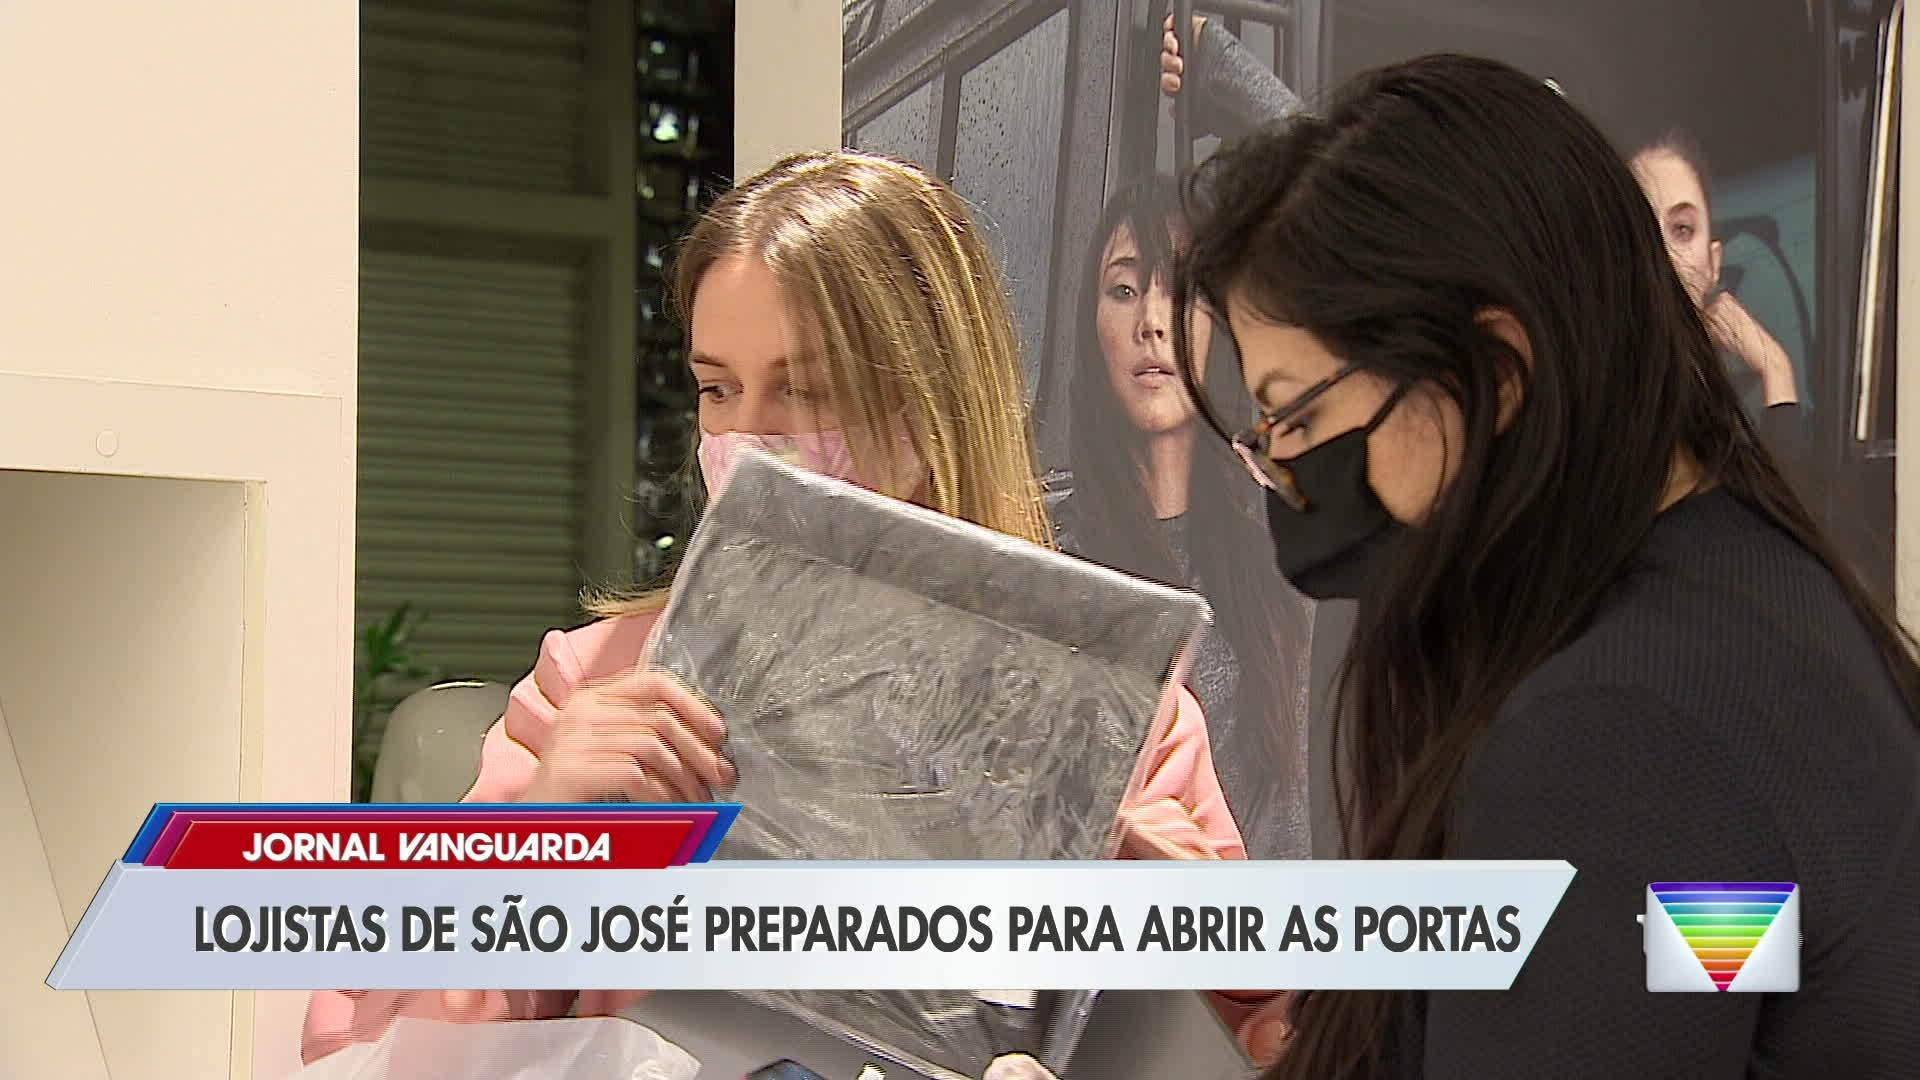 VÍDEOS: Jornal Vanguarda de quinta-feira, 28 de maio